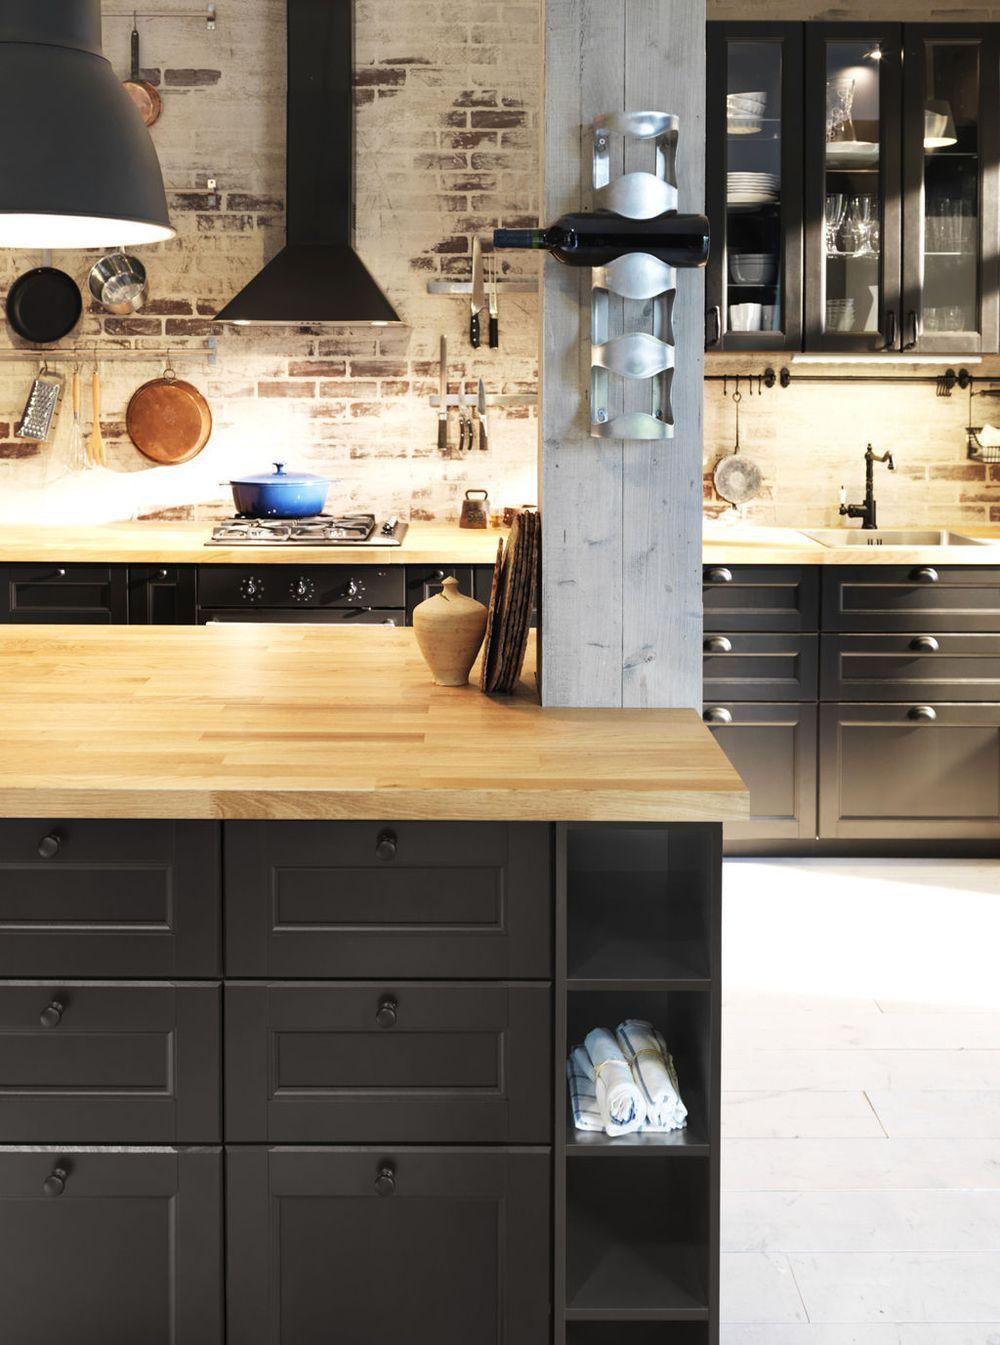 Cuisine Ikea Metod : les photos pour créer votre cuisine | Cuisine ... - Cuisine Esprit Bistrot